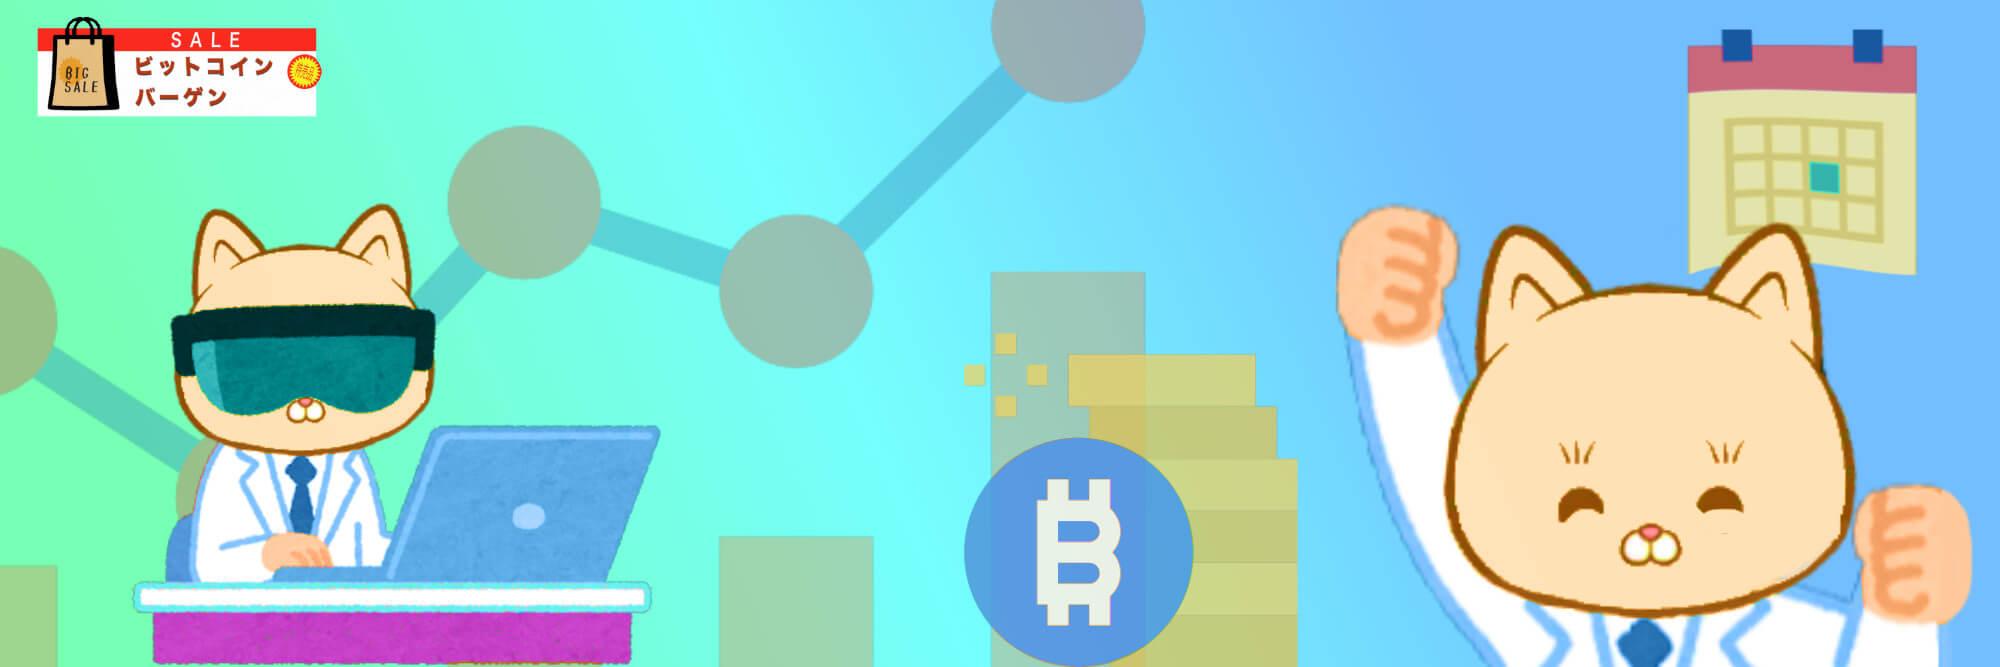 仮想通貨の積立投資シミュレータ